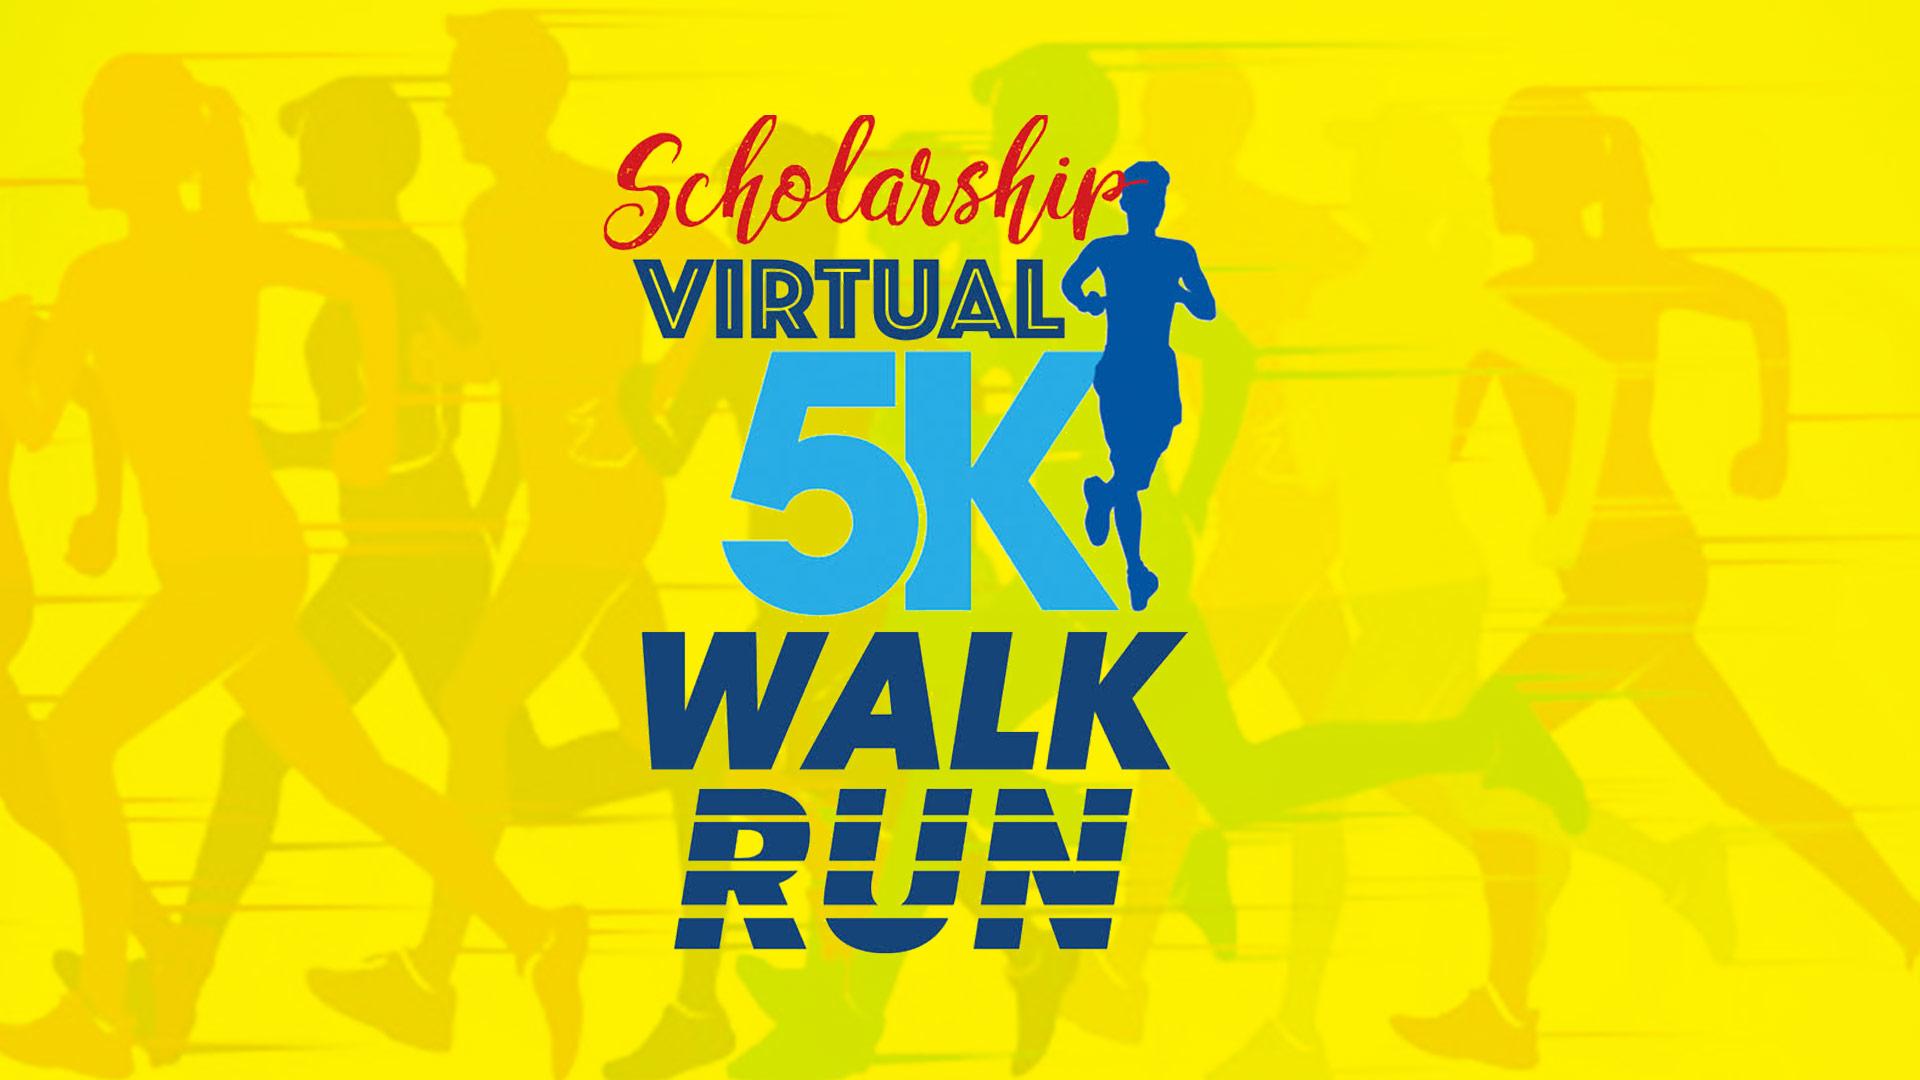 MBC Scholarship Virtual 5K Walk/Run